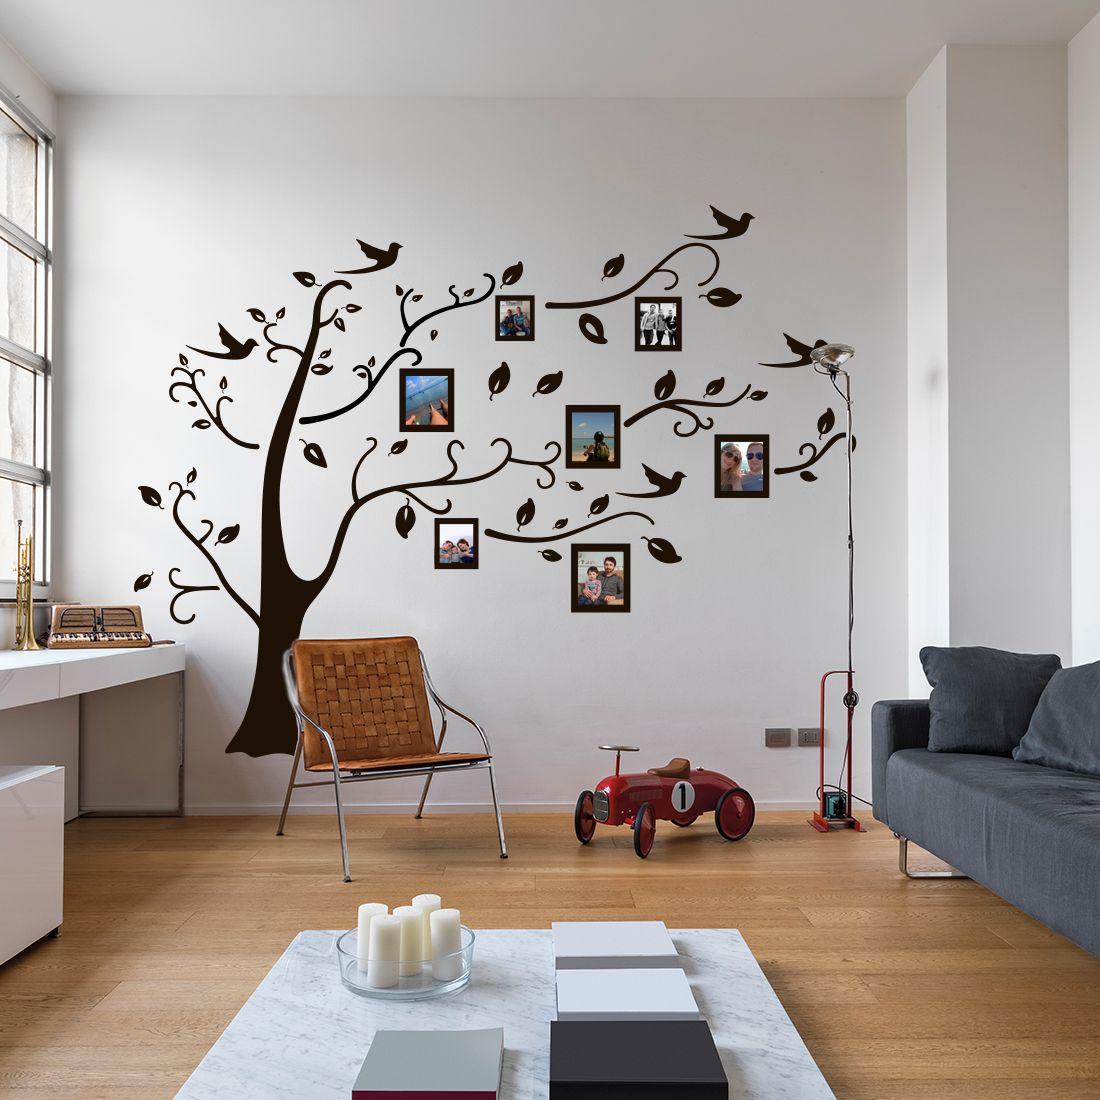 Muursticker boom met fotolijstjes   Pinterest